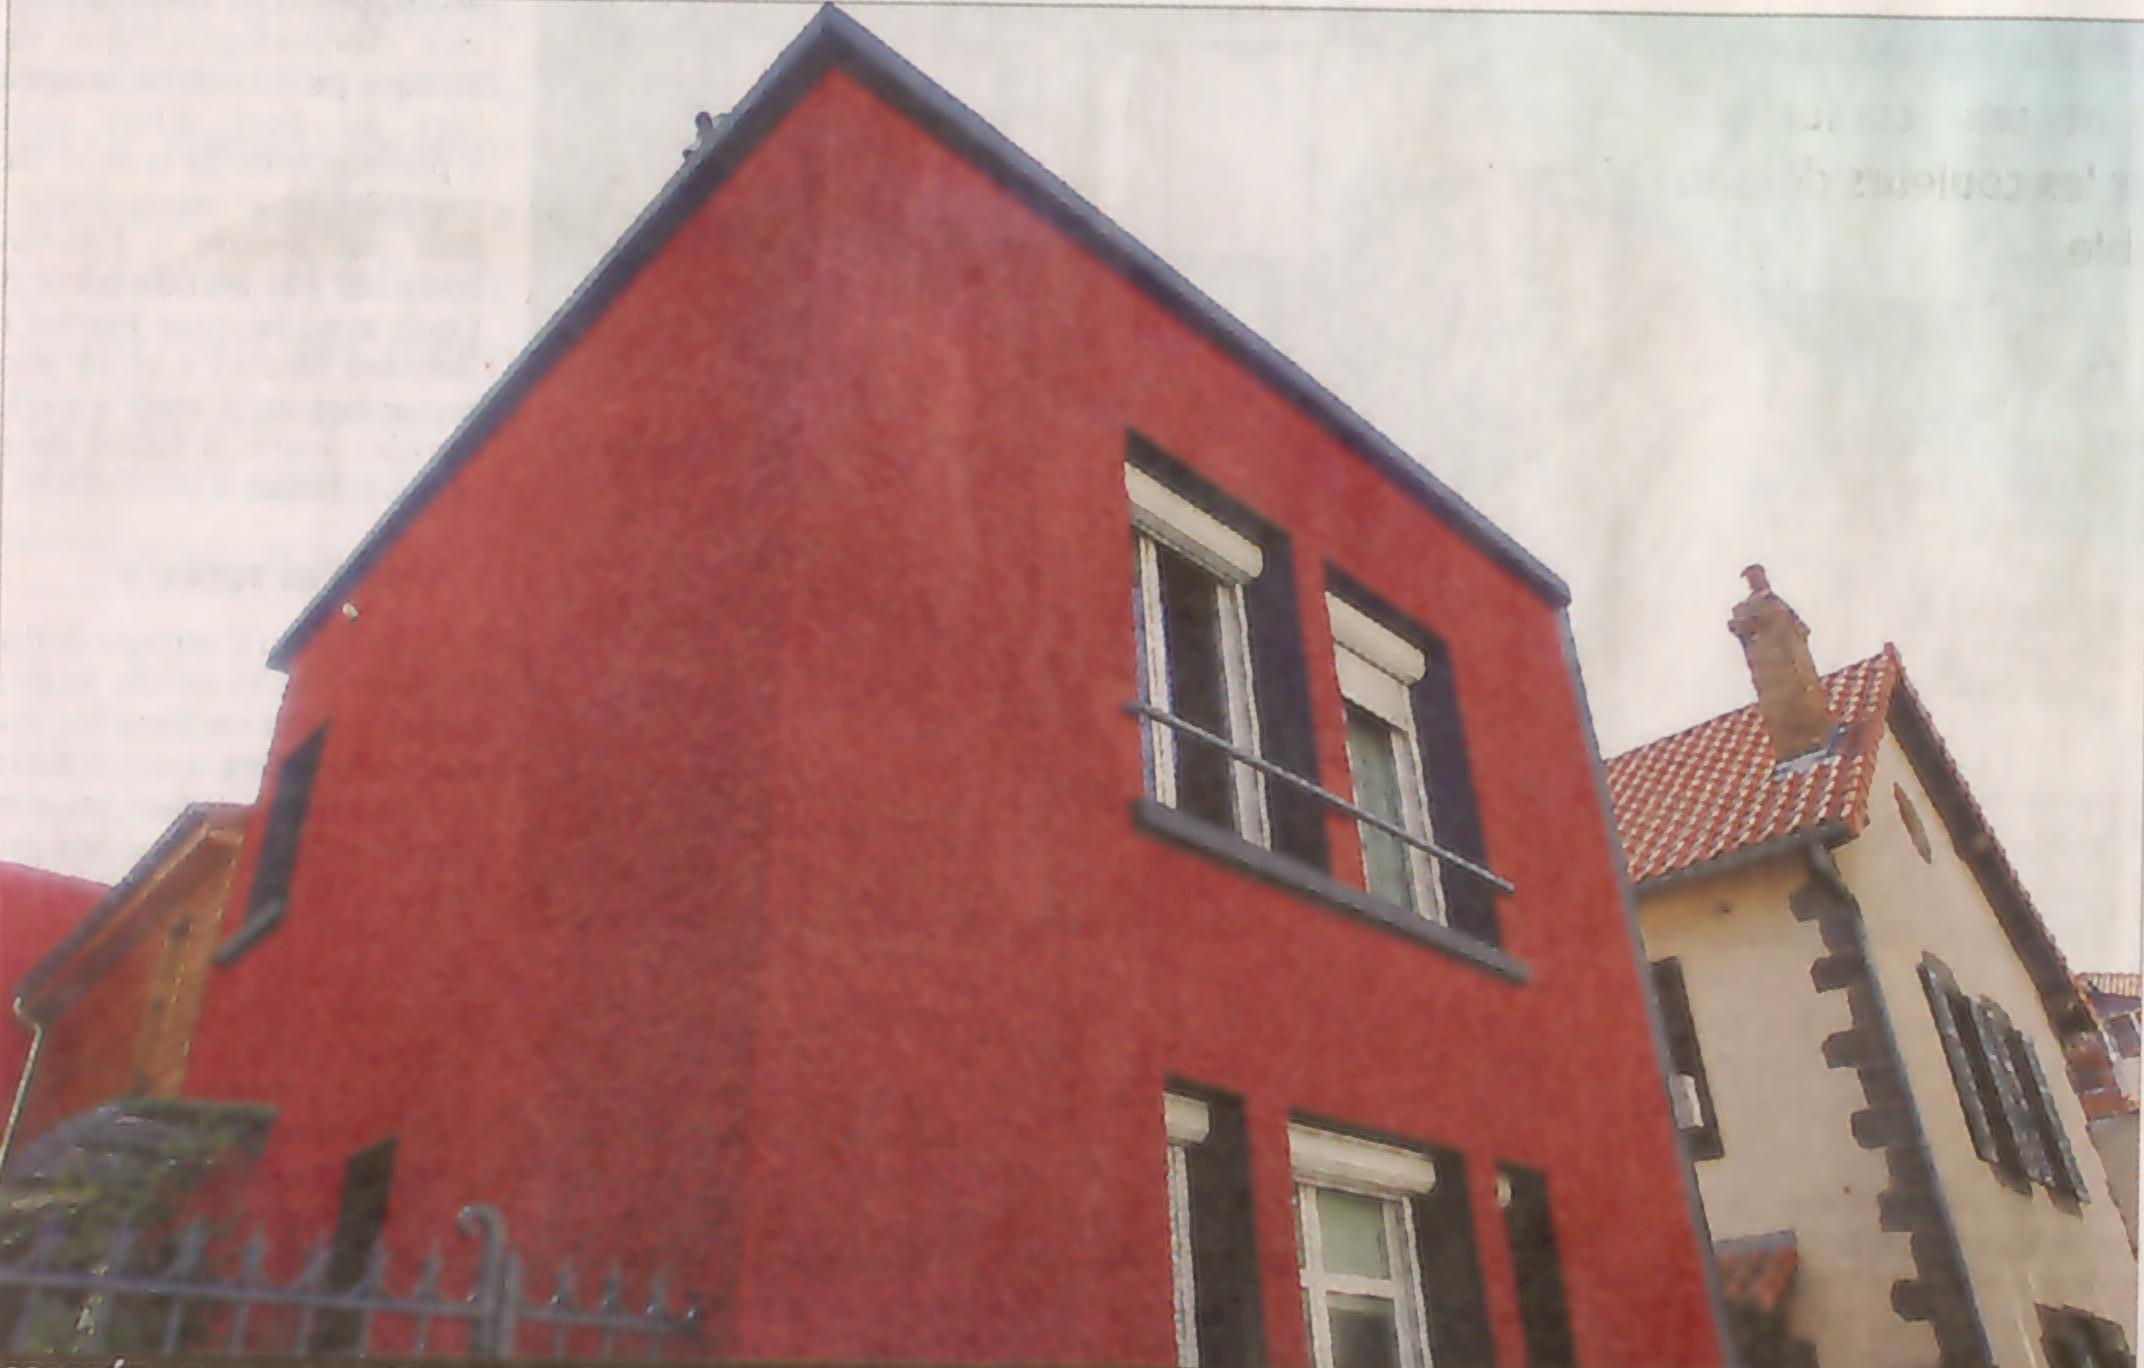 L urbanisme clermont ferrand at les irr ductibles gaulois contre les polit - Enduit sur brique rouge ...